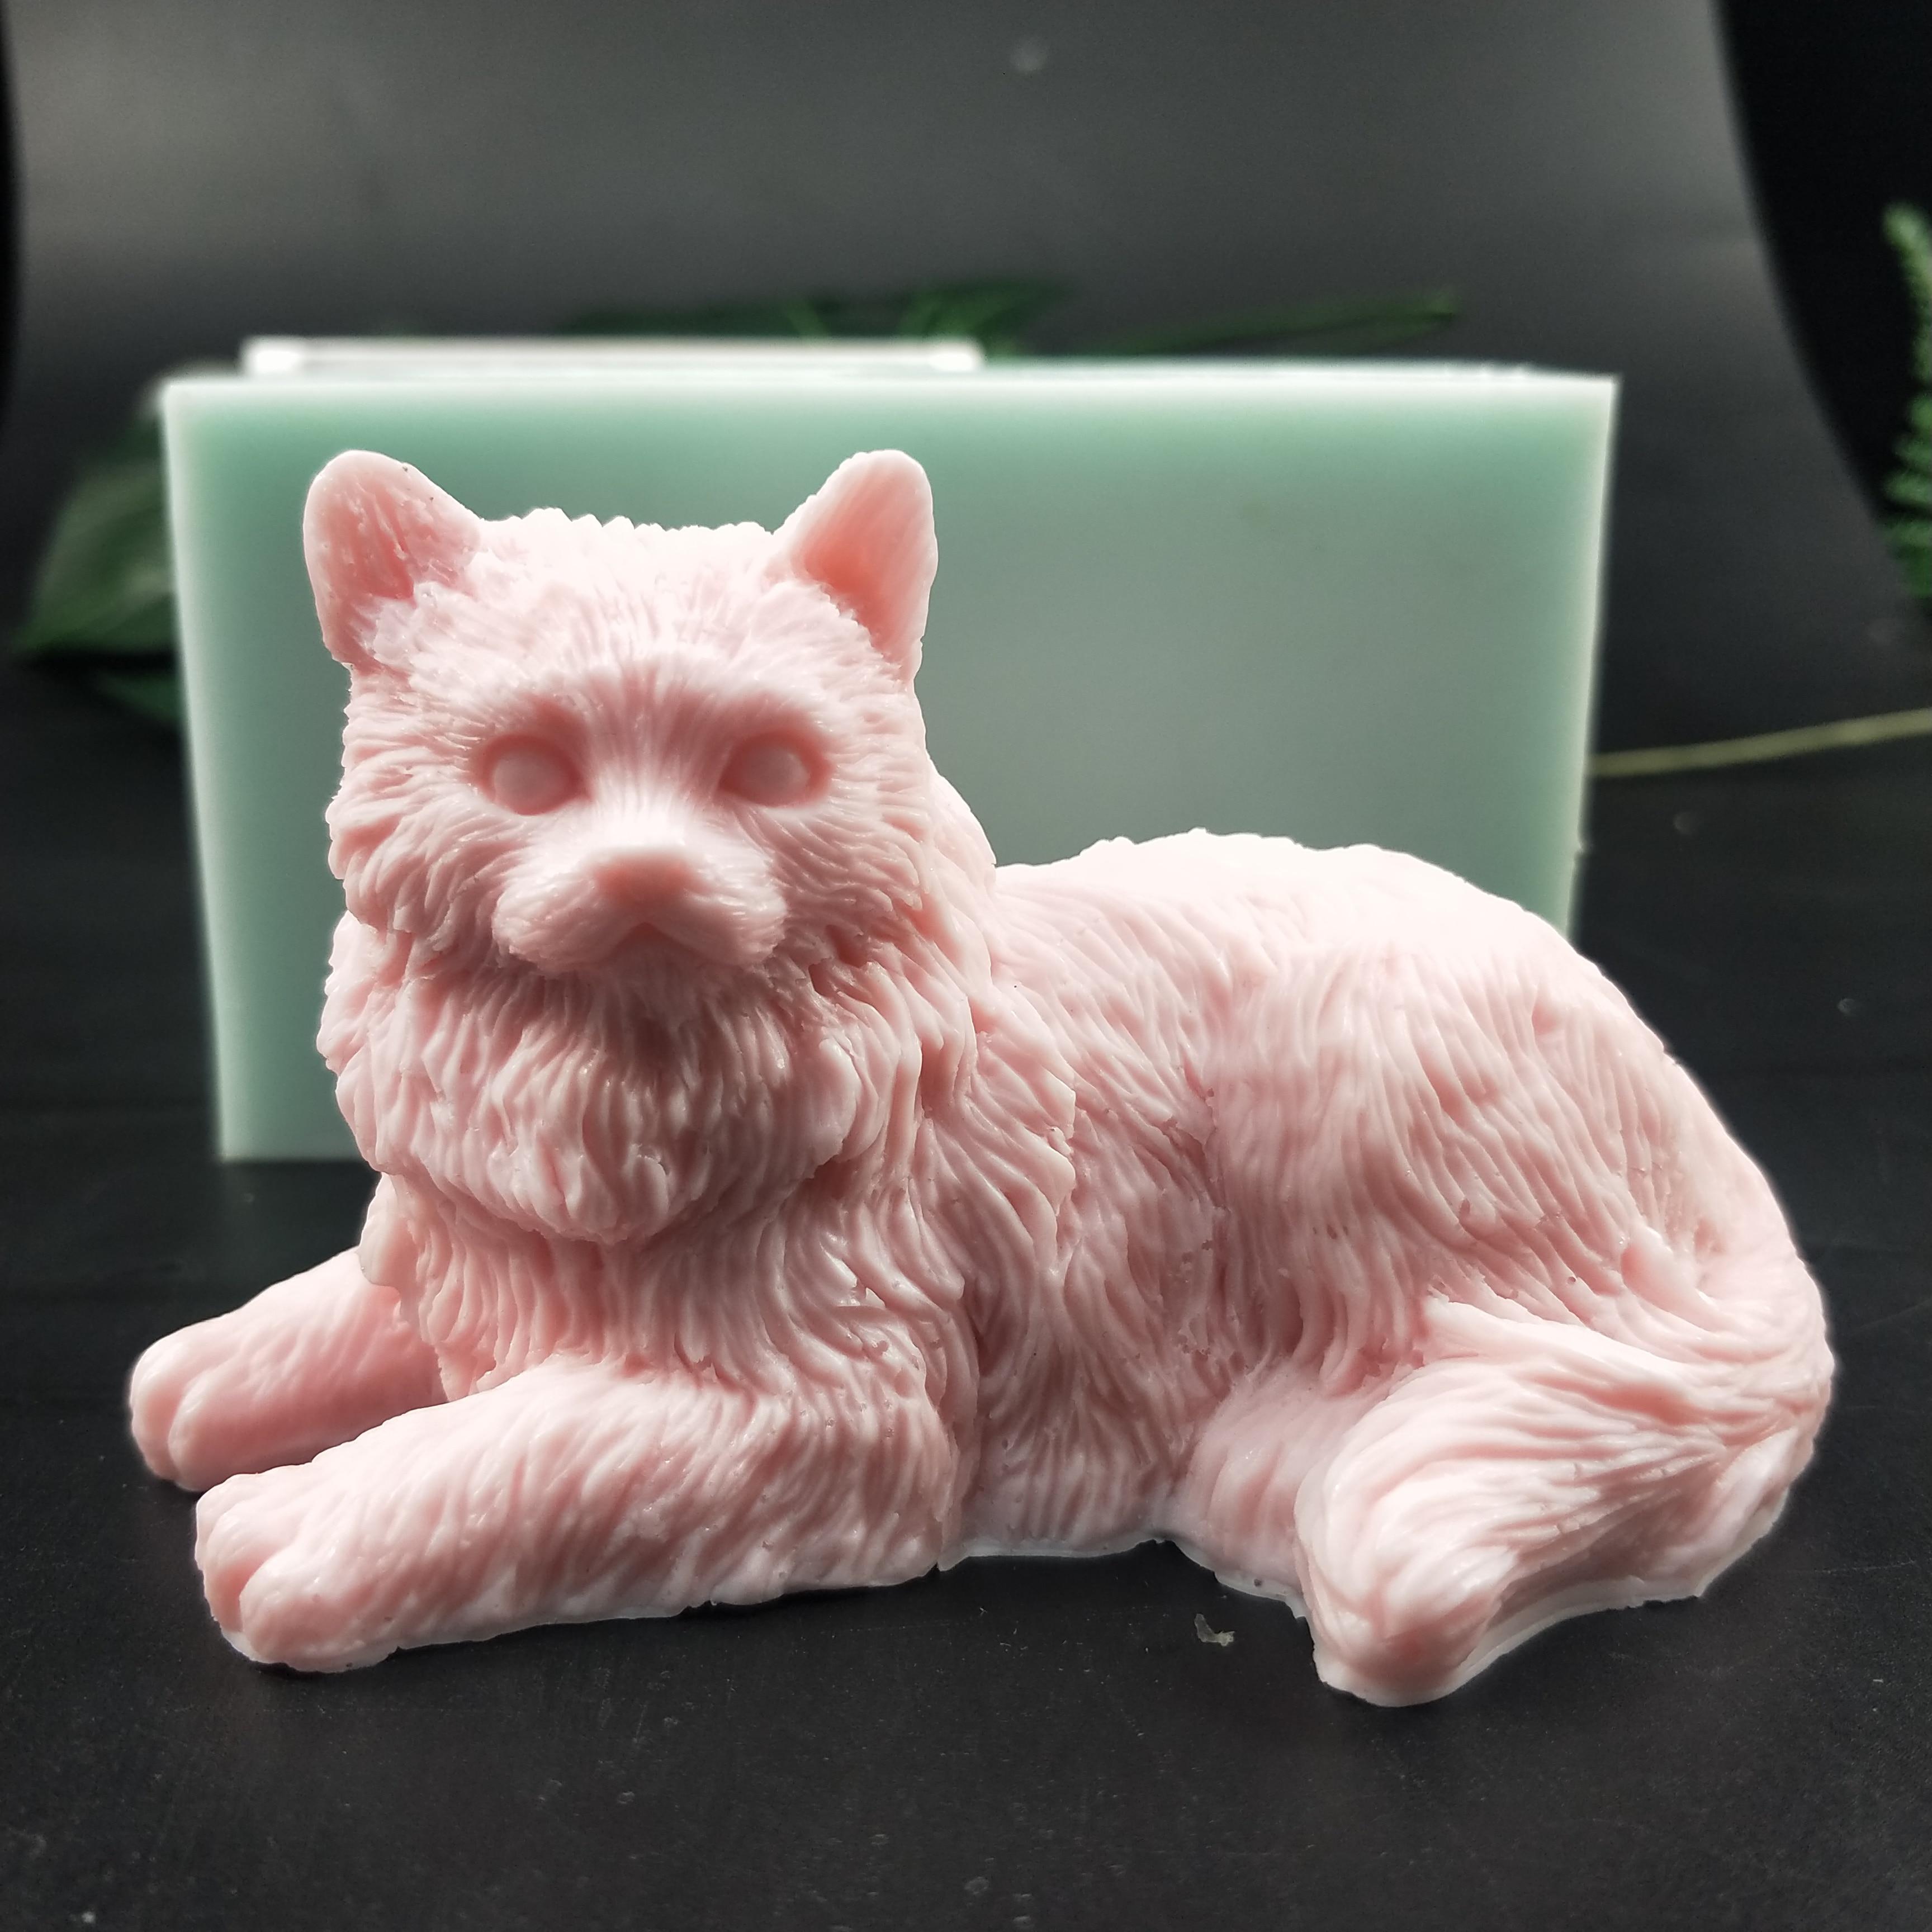 Molde de silicona con forma de gato molde de jabón animales Longhair Cat fabricación artesanal de jabón moldes de vela de silicona Molde de resina arcilla molde DW0193 PRZY 3D